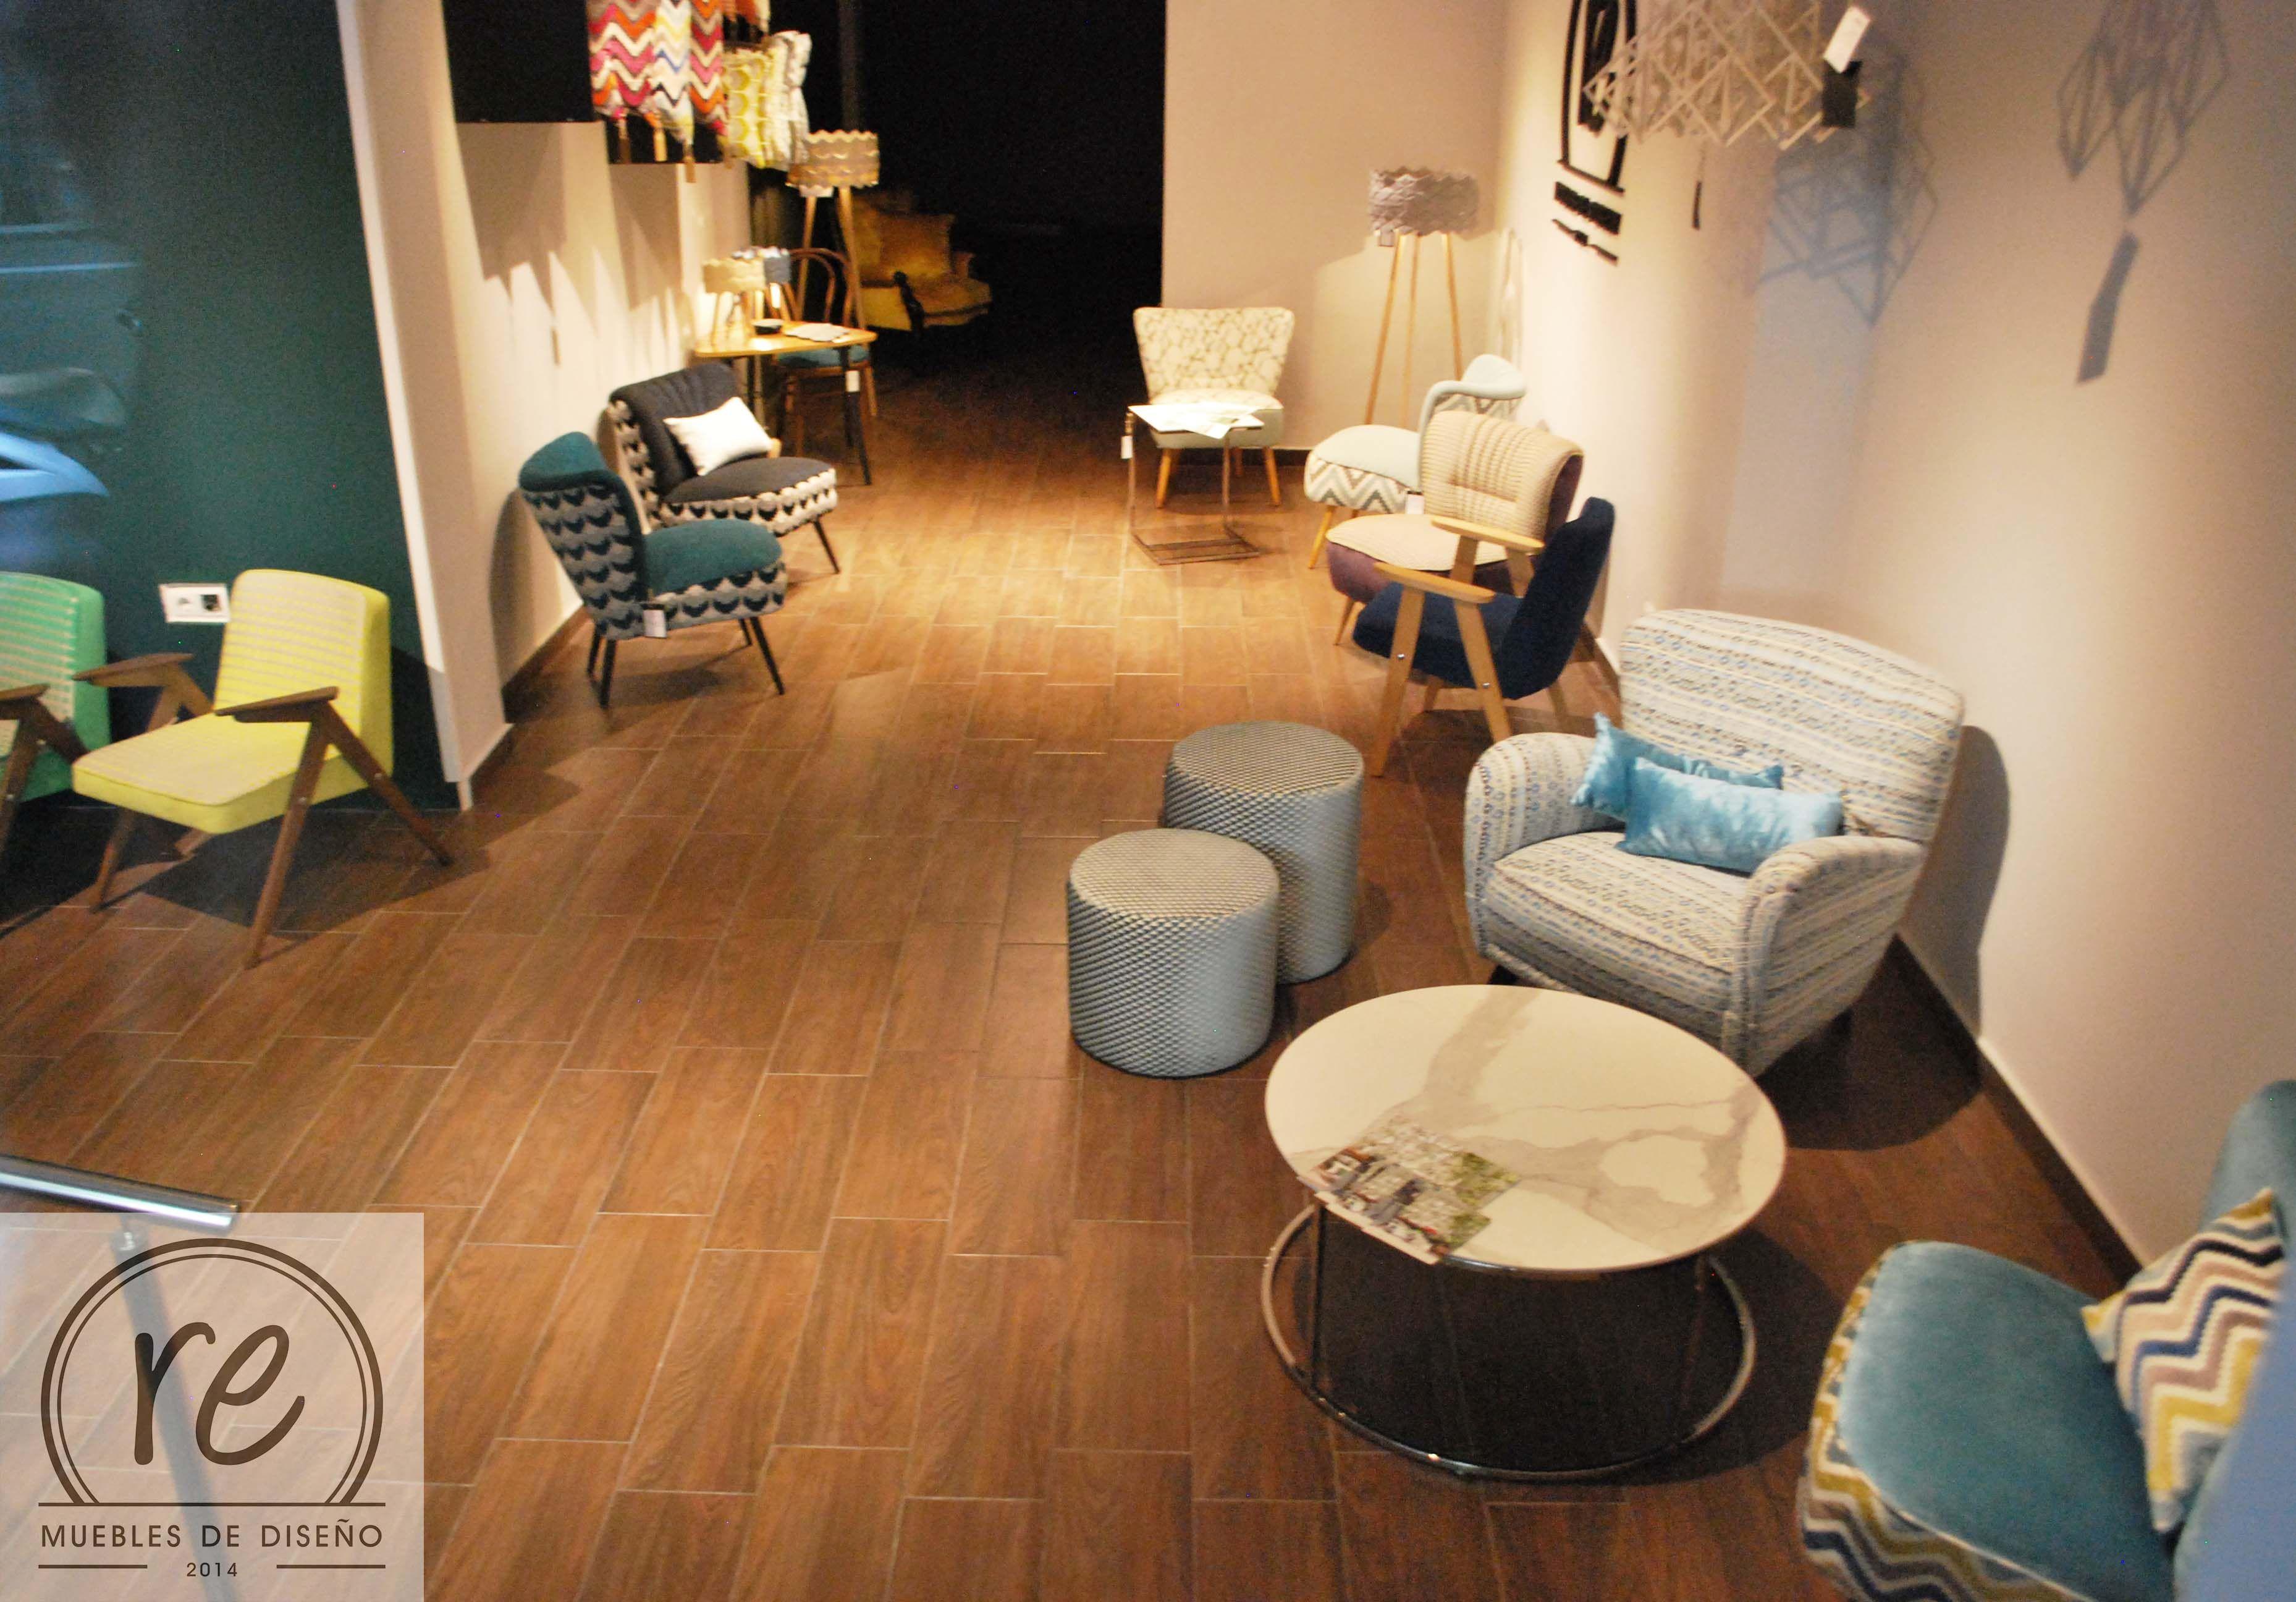 Butaca dise o decoracion interiores muebles barcelona for Mesas diseno barcelona